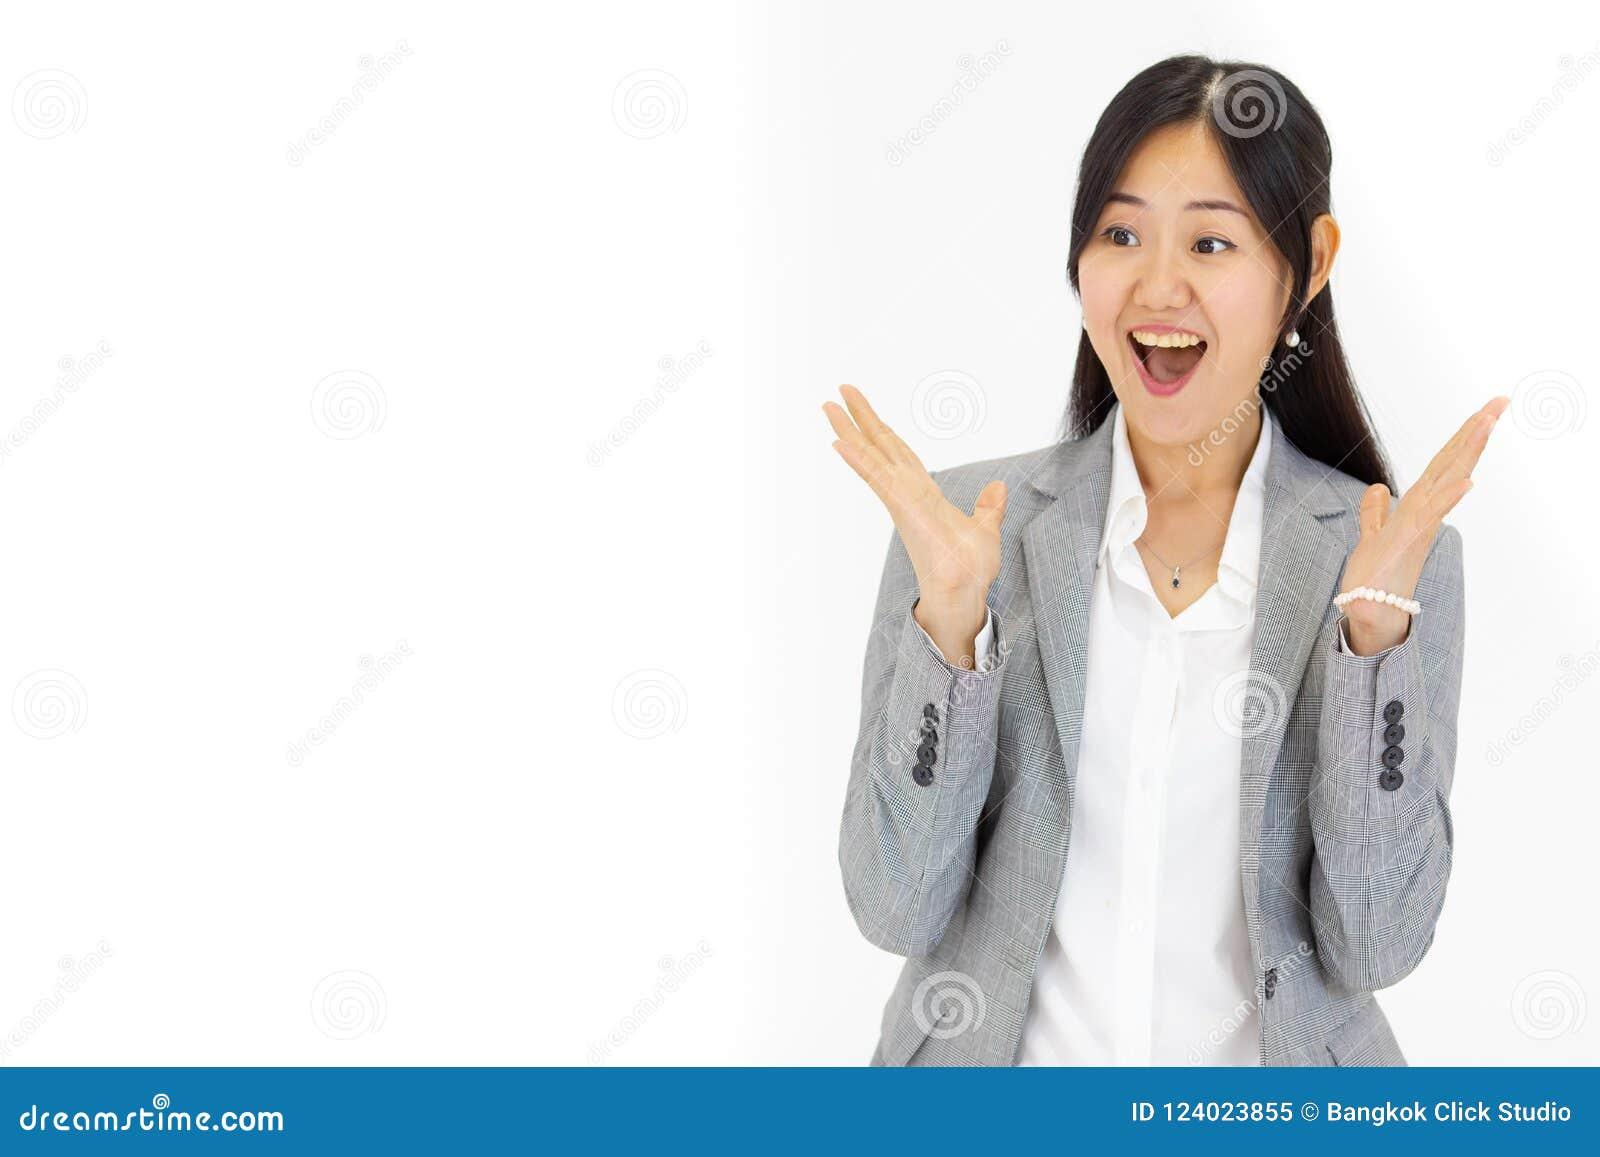 Το όμορφο γοητευτικό ασιατικό κορίτσι με μακρυμάλλη καταπλήσσει έναν συμπαθητικό